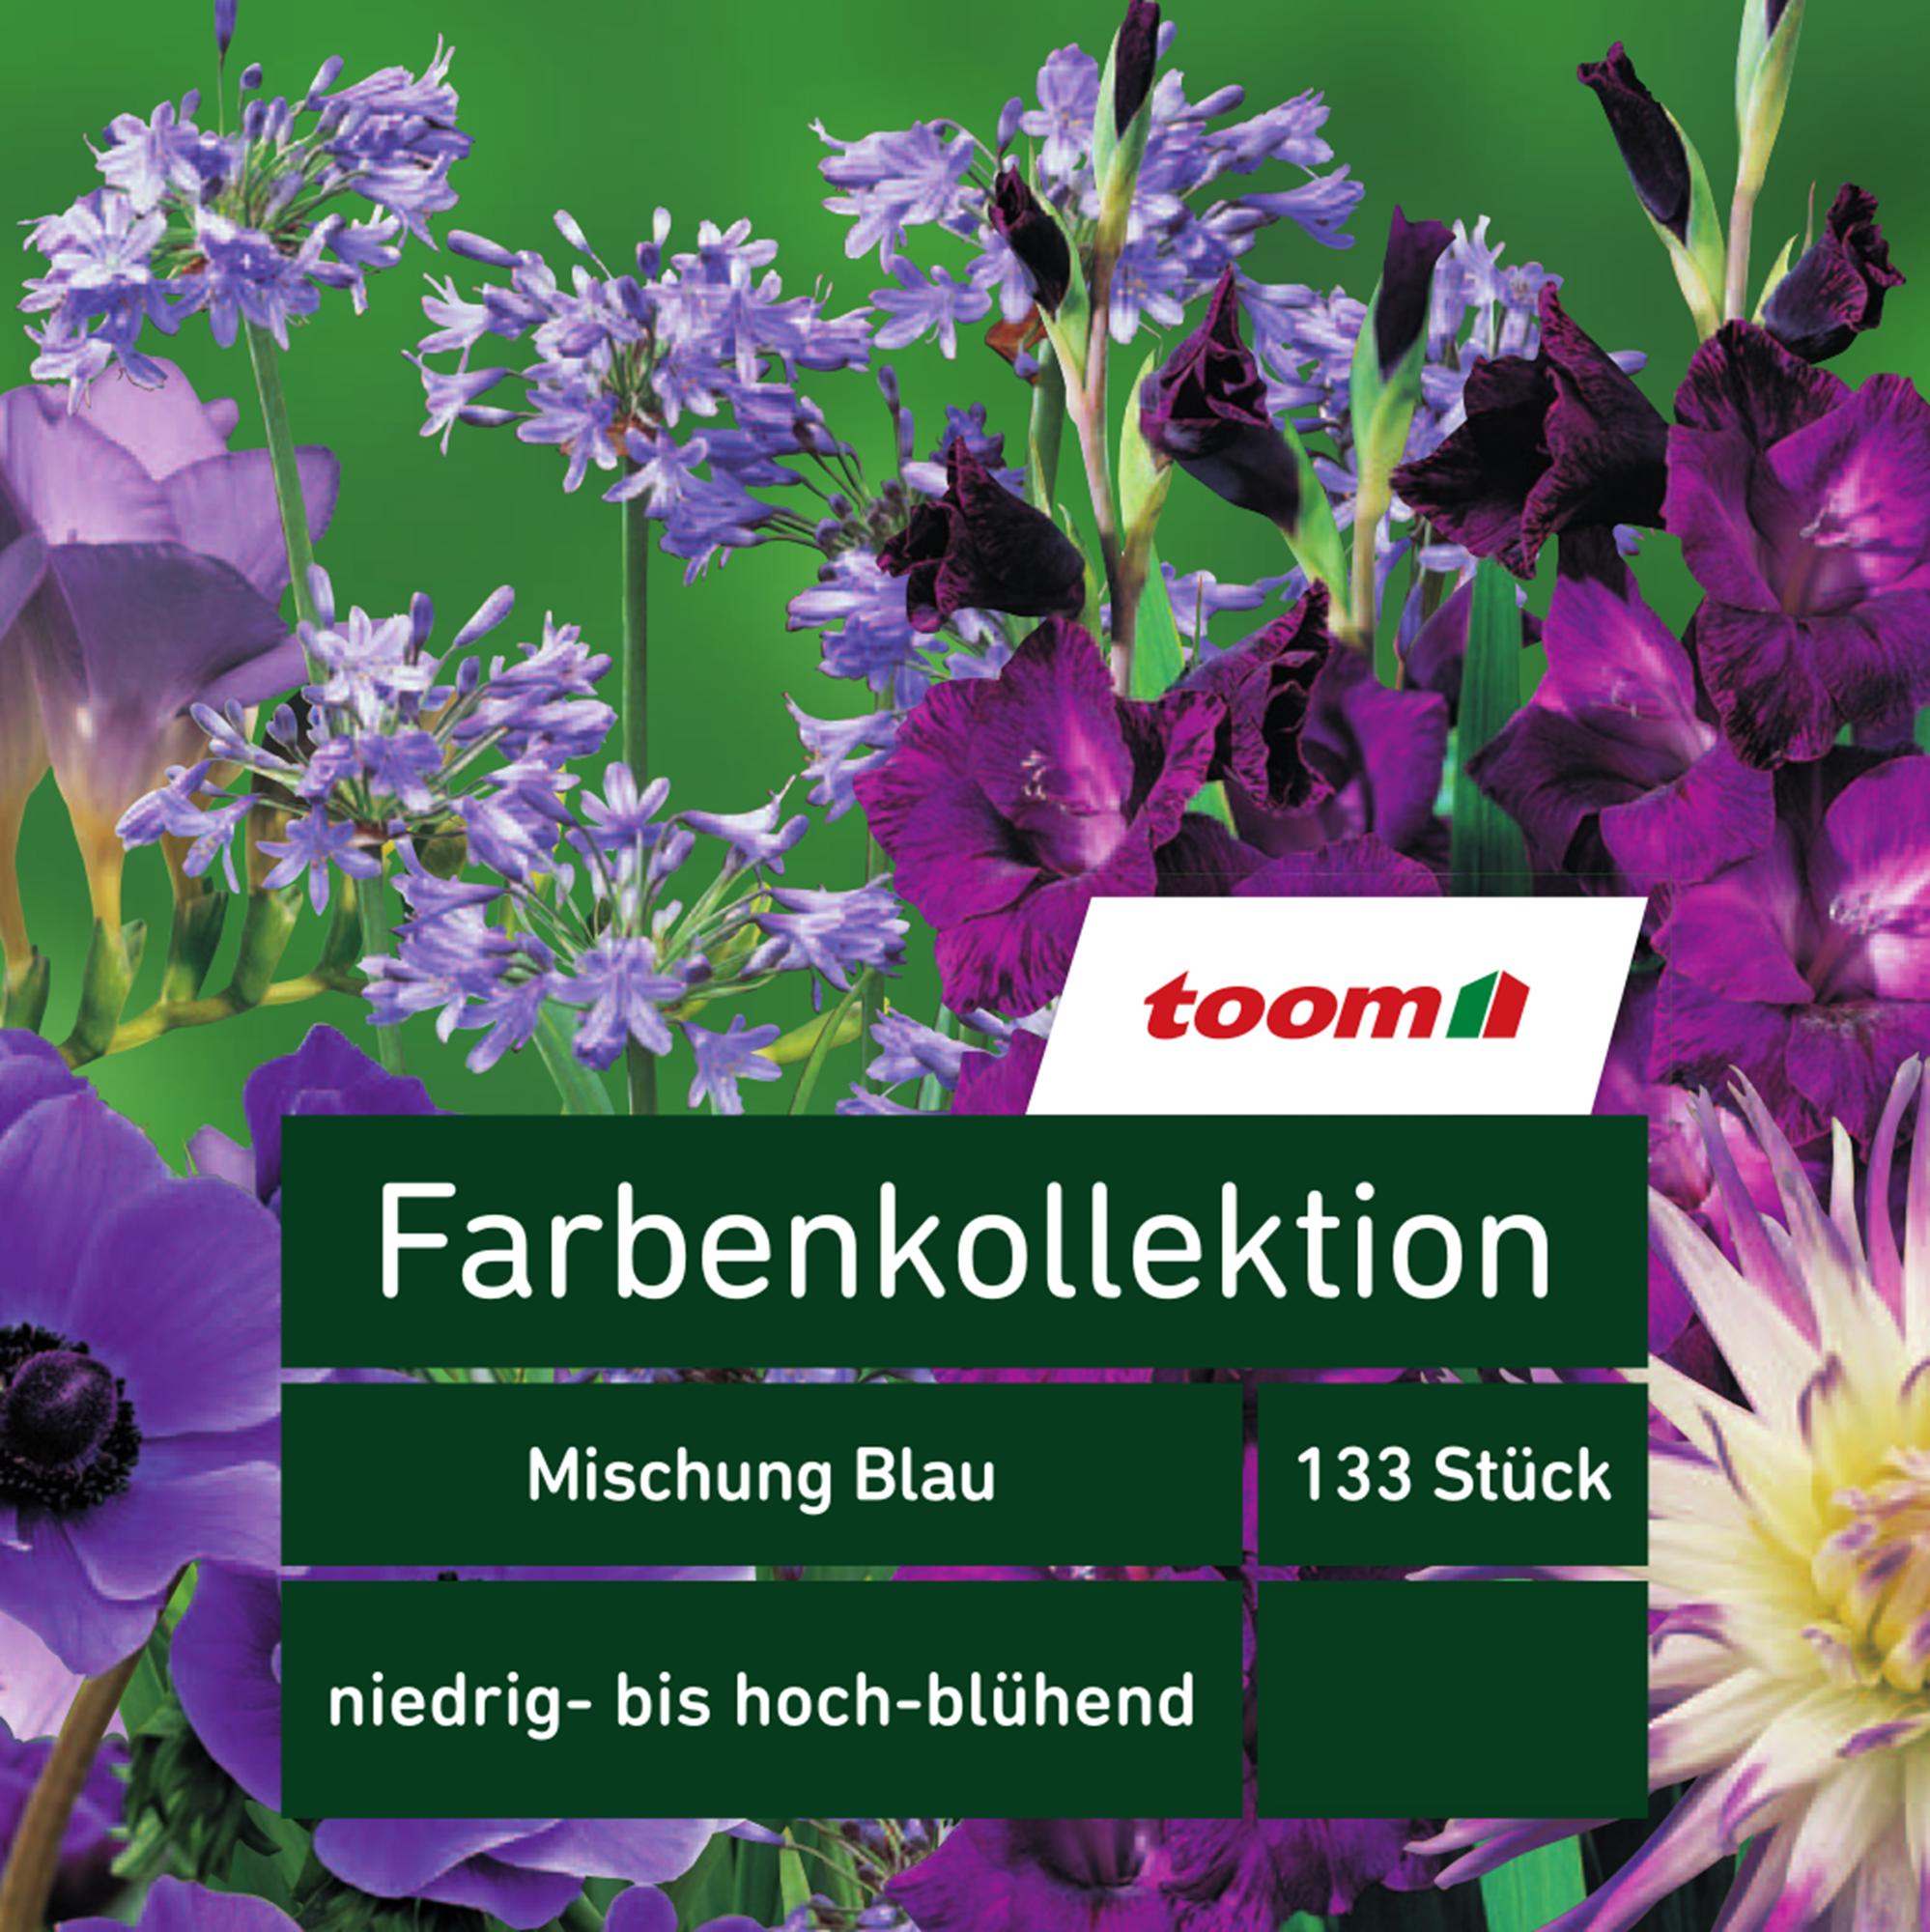 toom Blumenzwiebeln Farbenkollektion 'Mischung Blau' 133 Stück